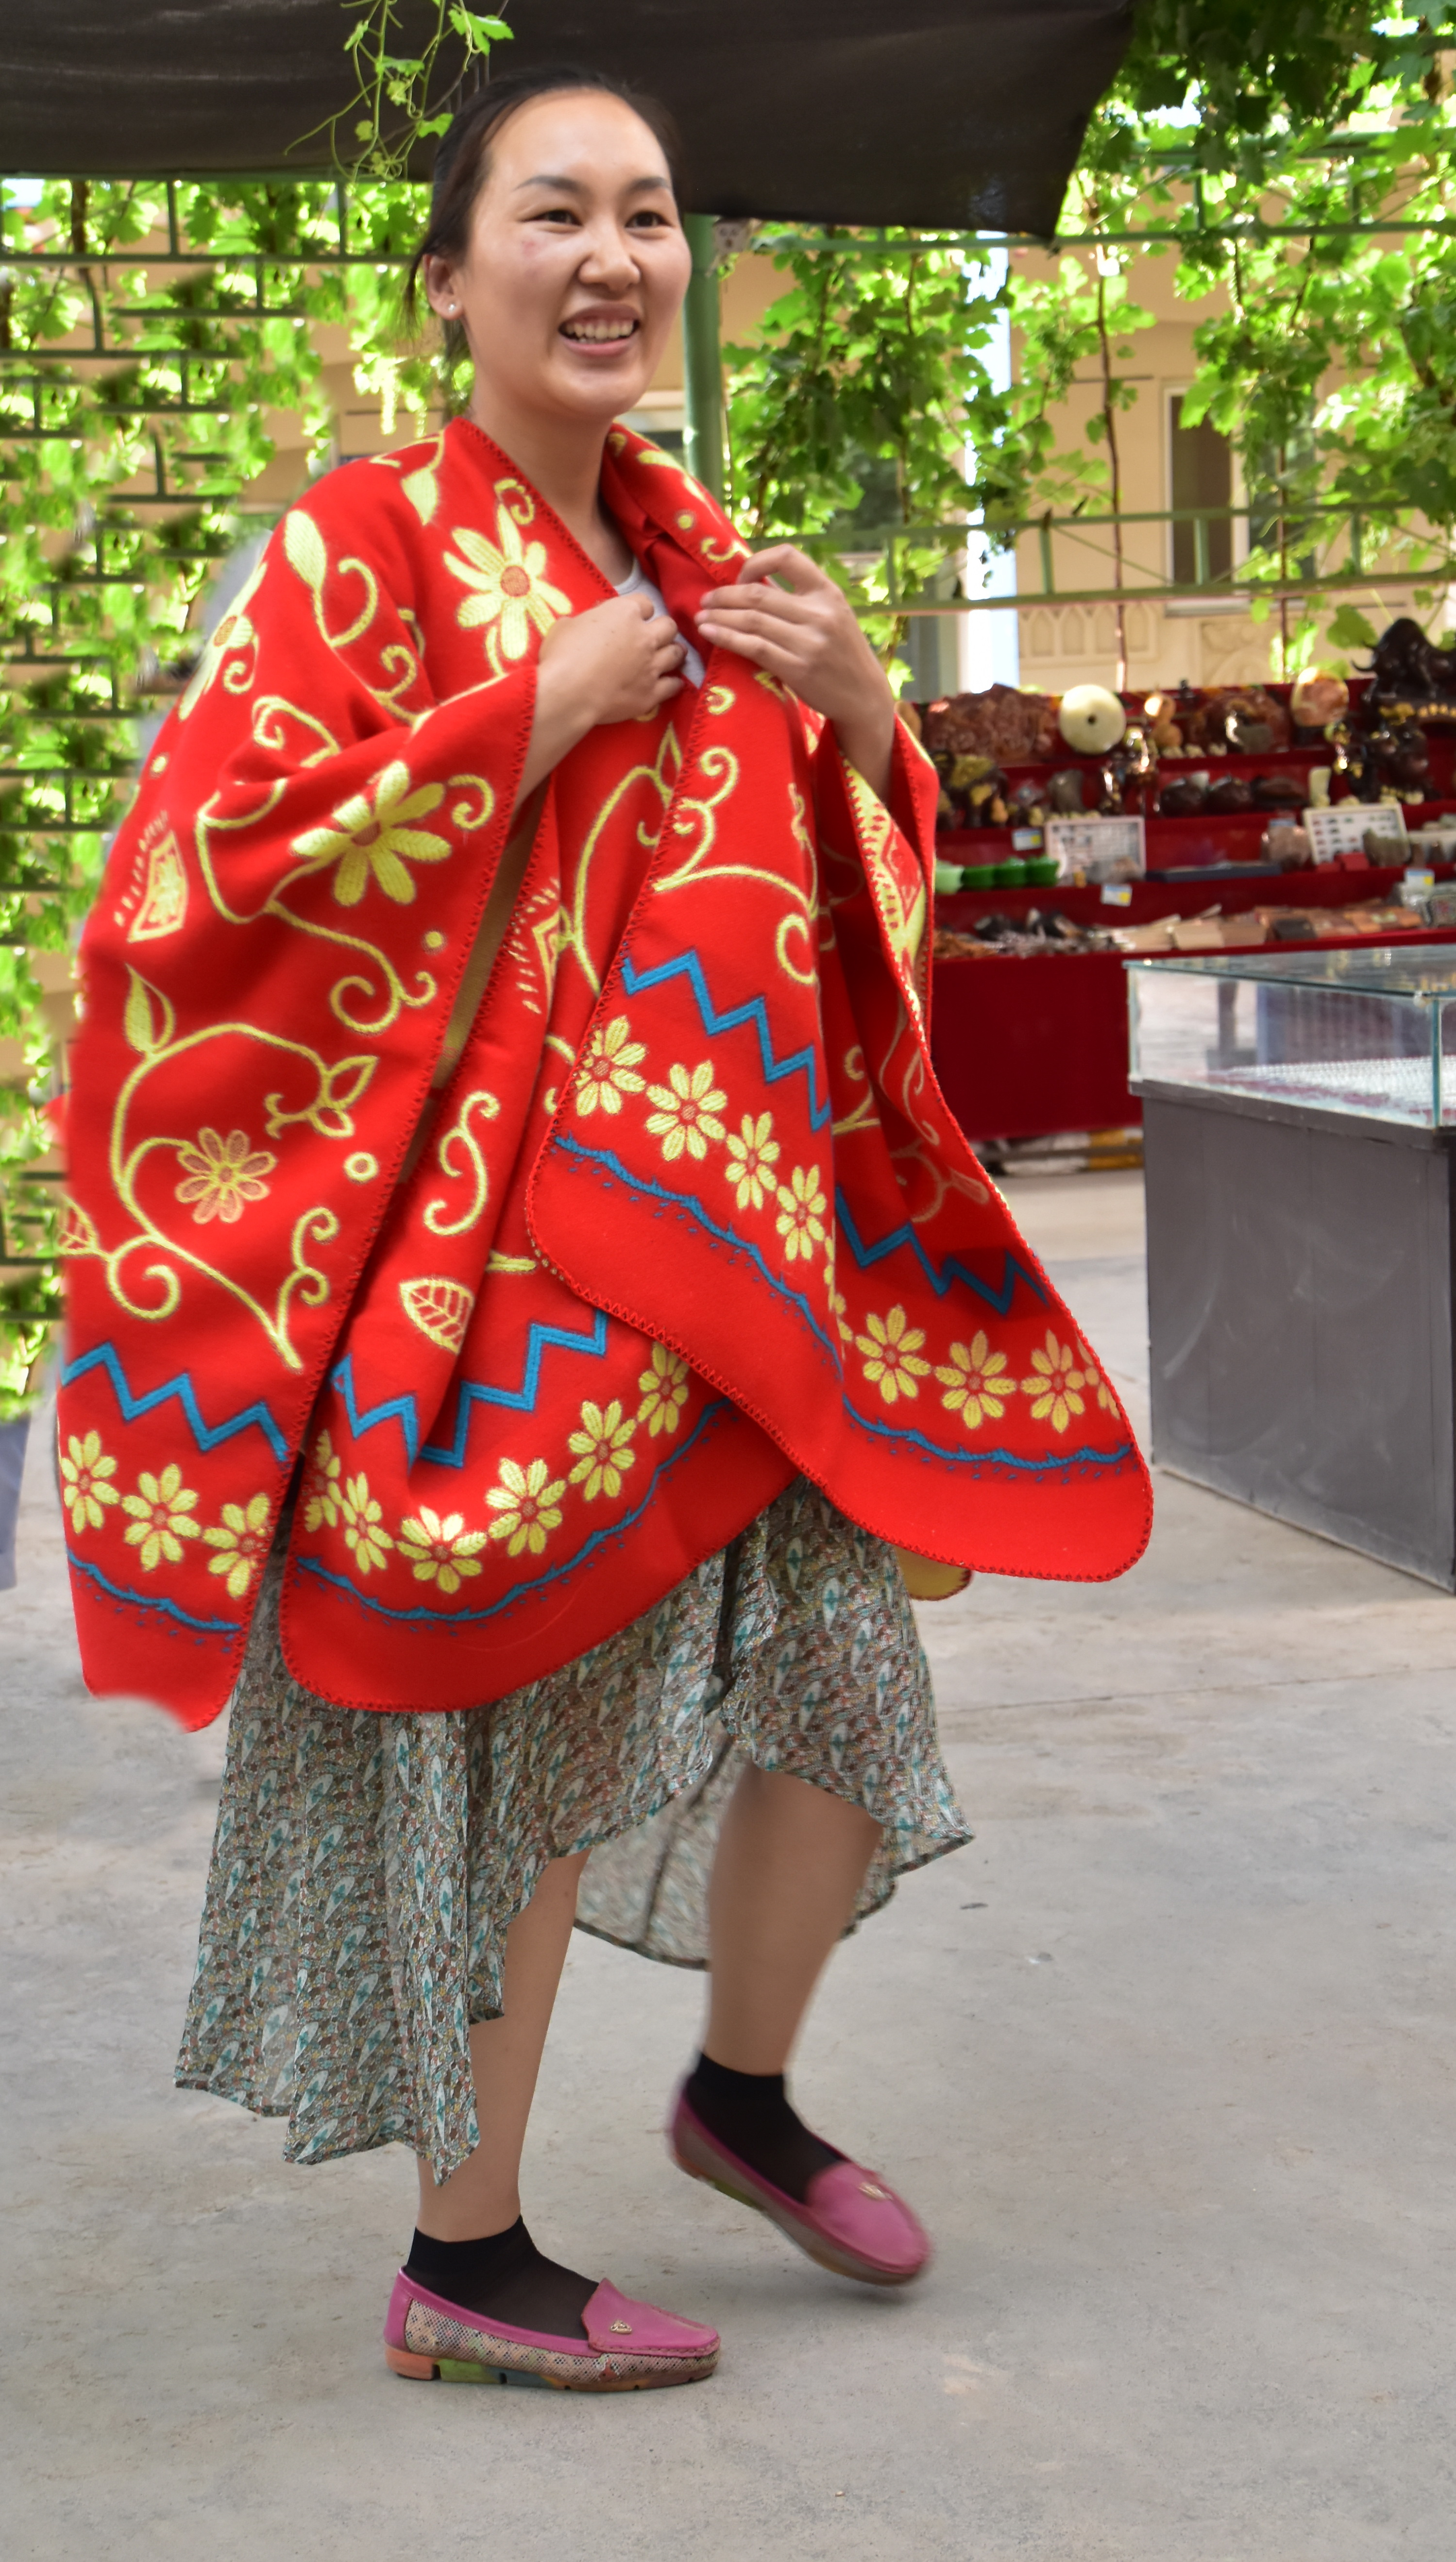 סין - גברת עם פונצ'ו